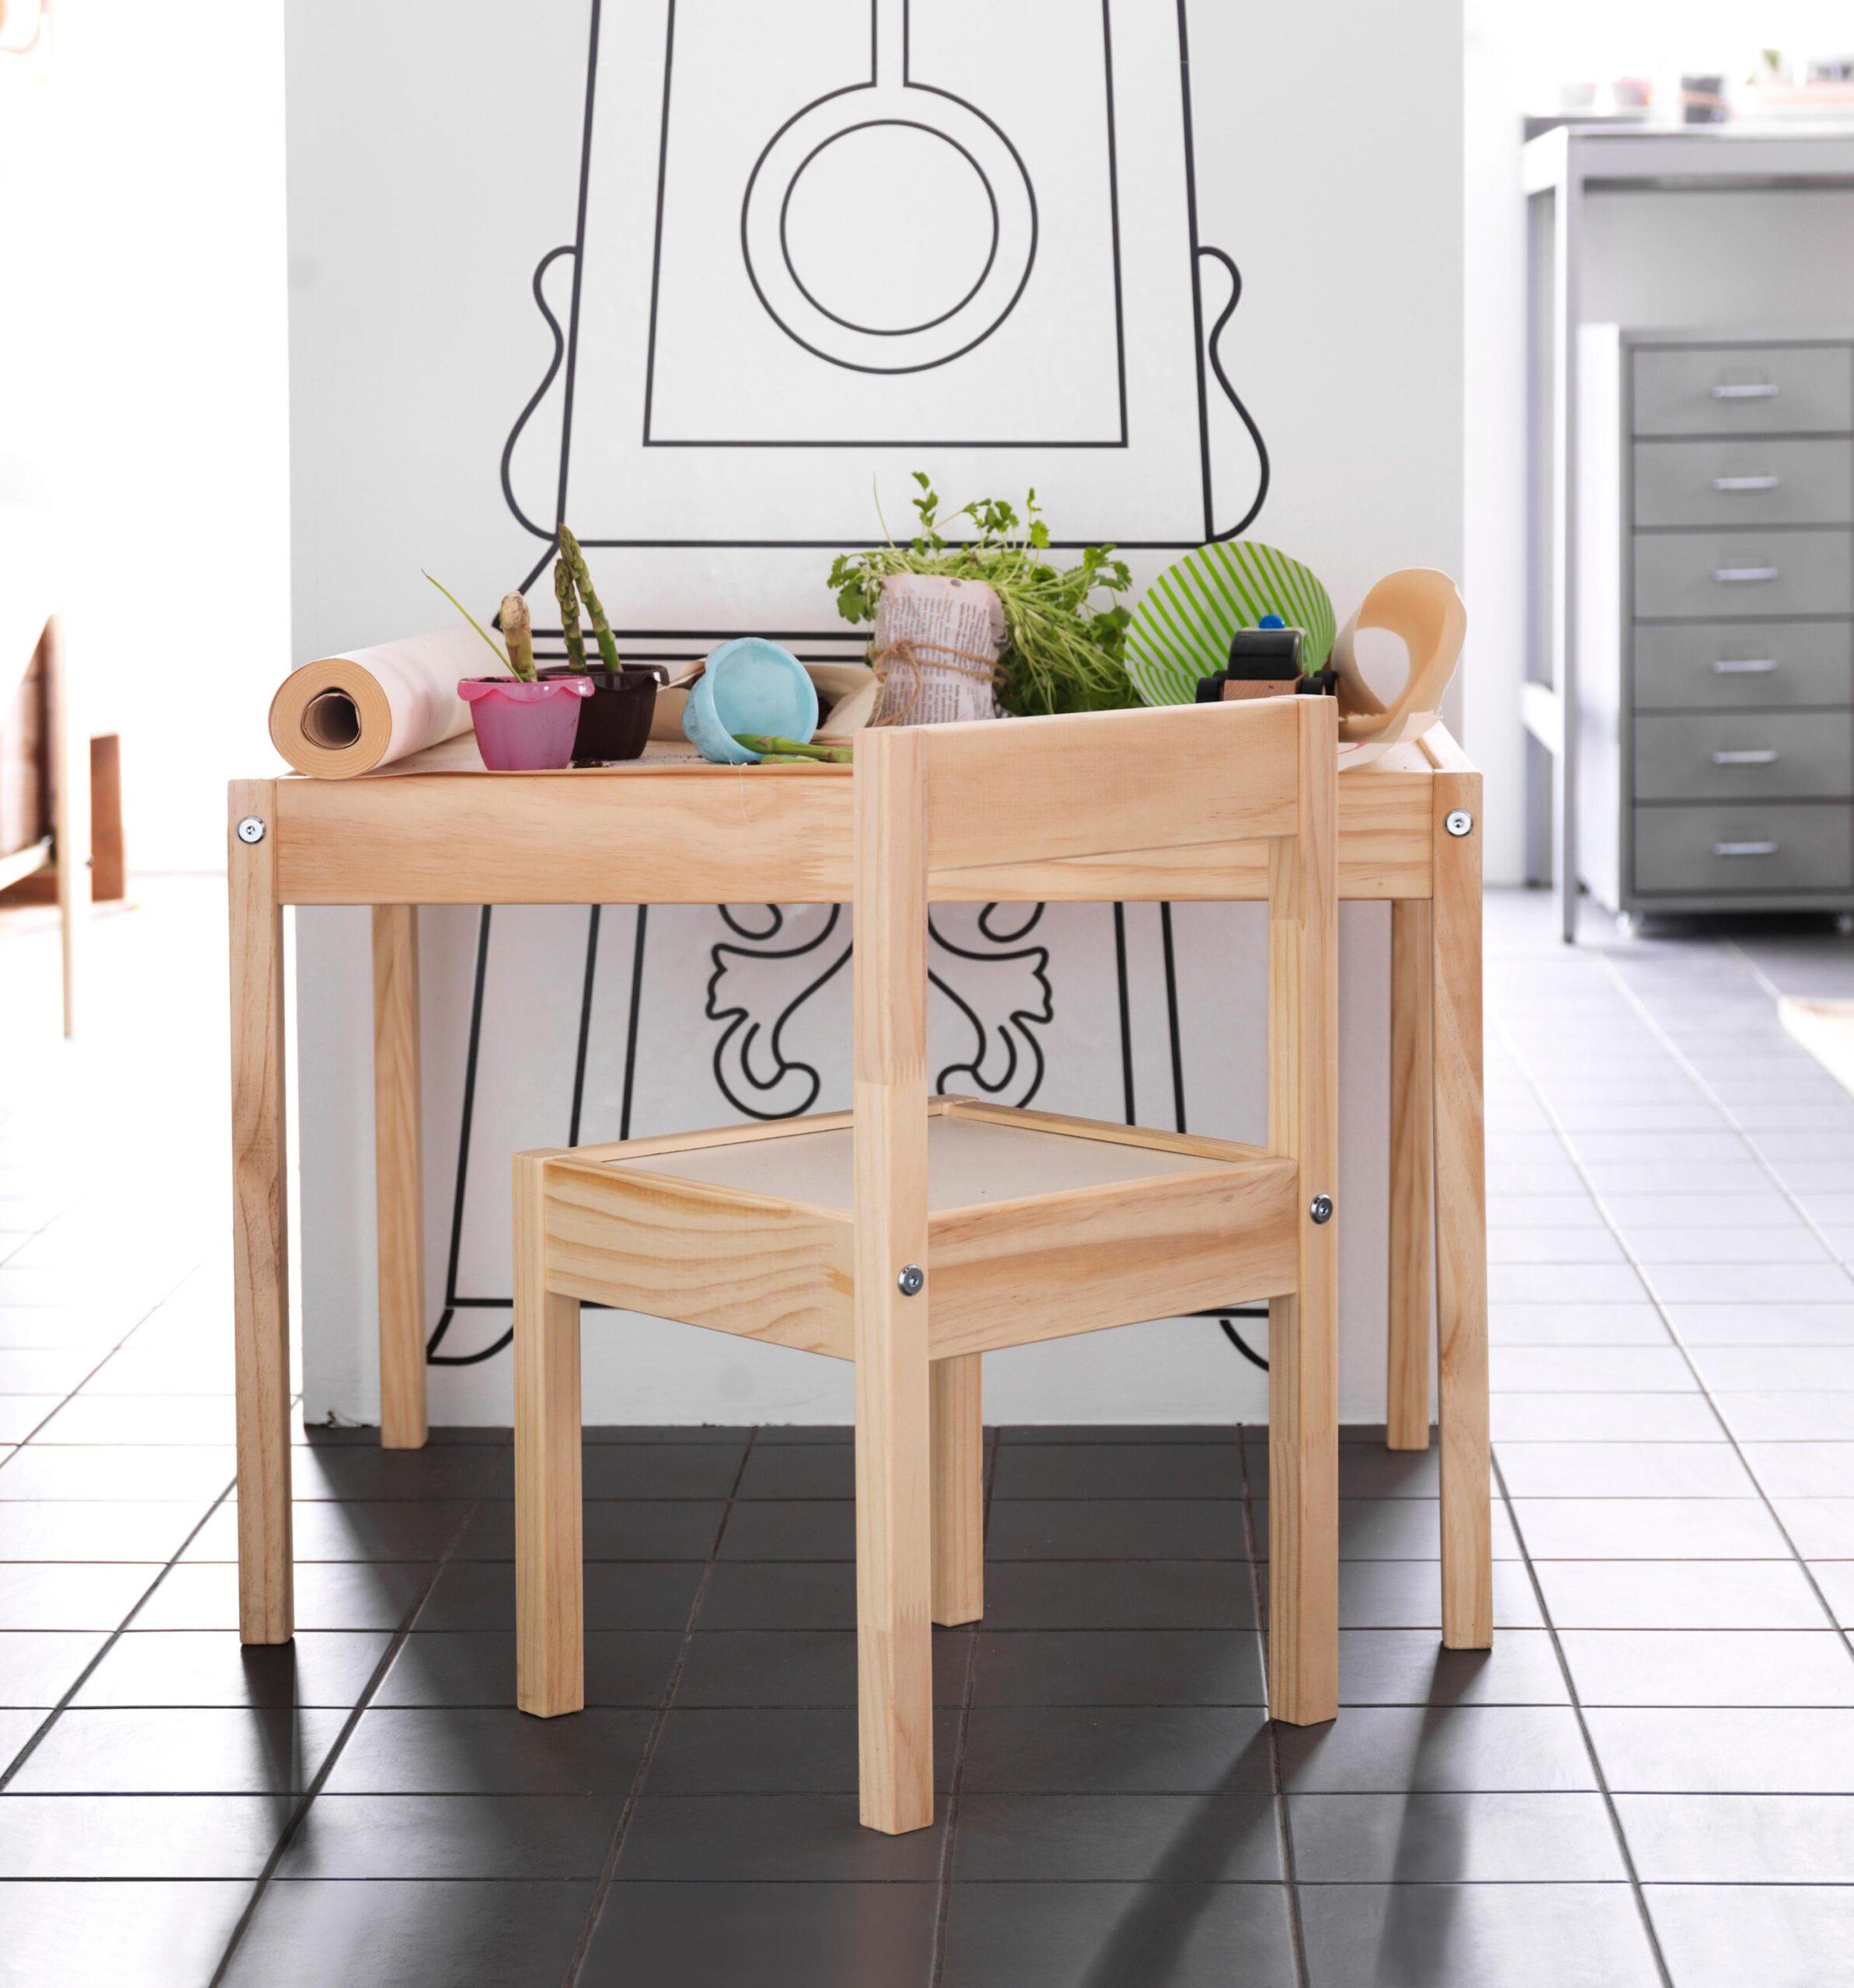 Full Size of Single Kche Bilder Ideen Couch Singleküche Mit Kühlschrank Küche Ikea Kosten Sofa Schlaffunktion Miniküche Kaufen Betten 160x200 Stengel Bei Modulküche E Wohnzimmer Singleküche Ikea Miniküche